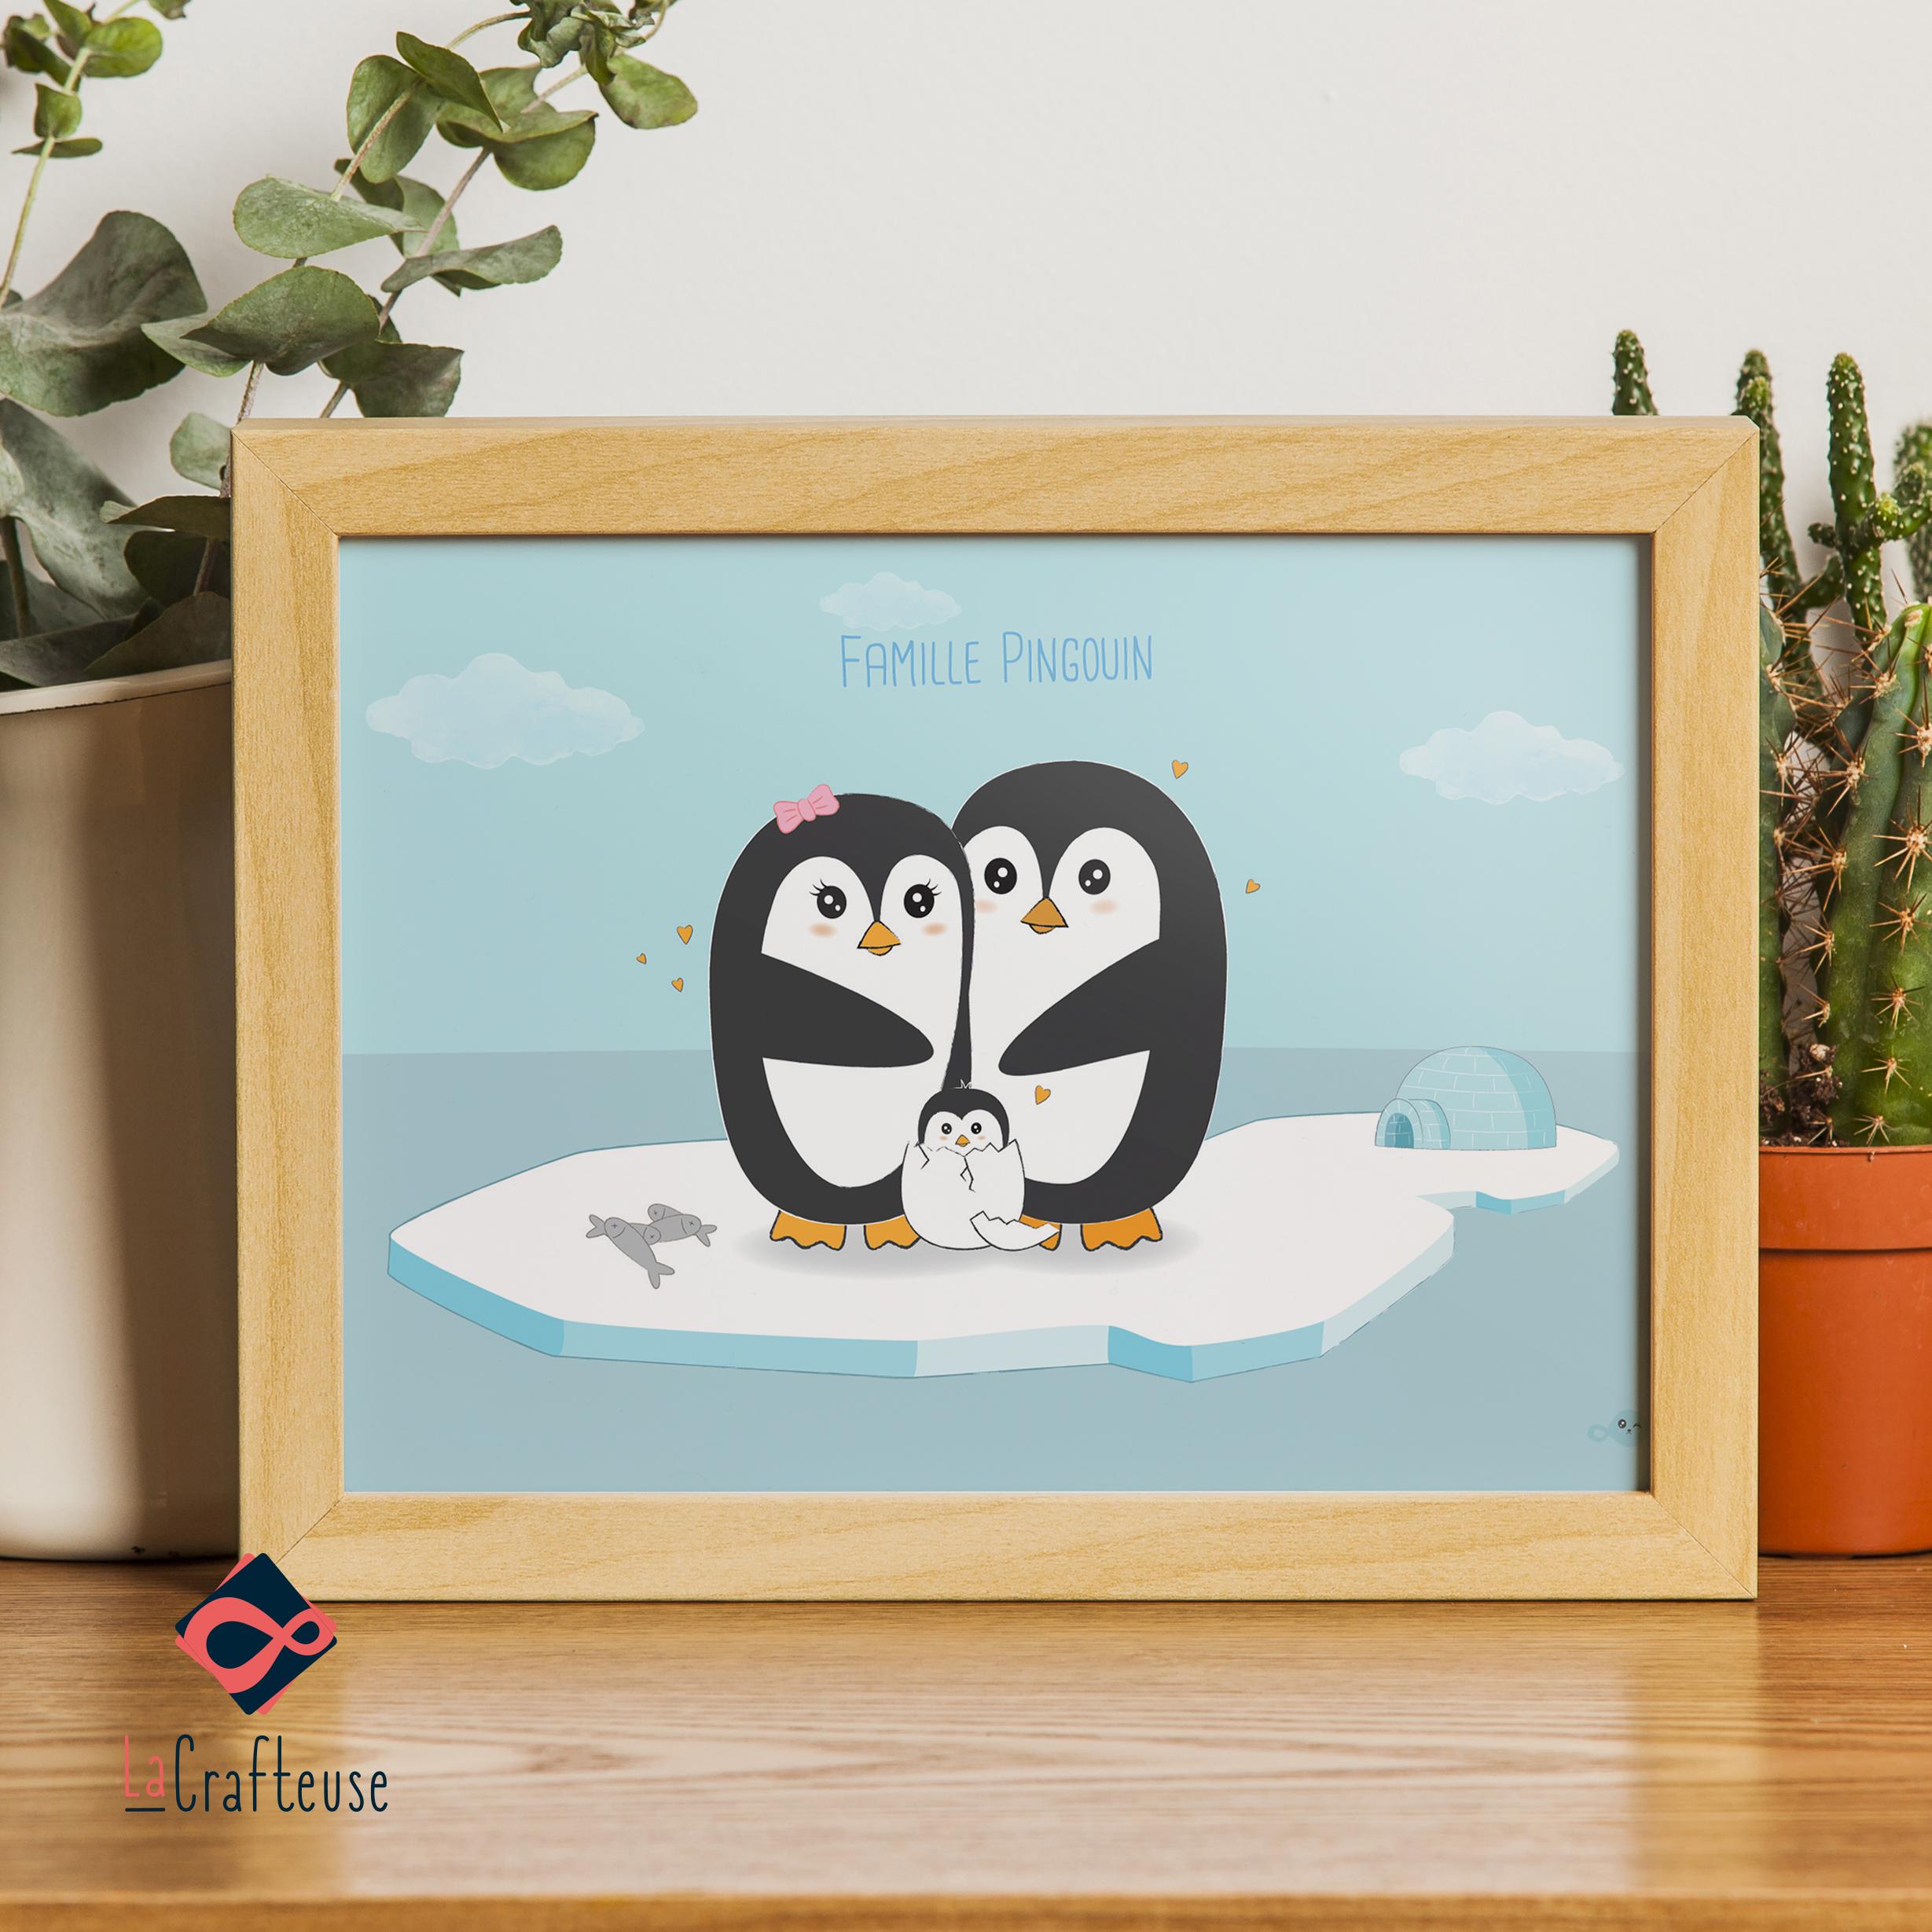 affiche personnalisable famille pingouin cadeau mignon